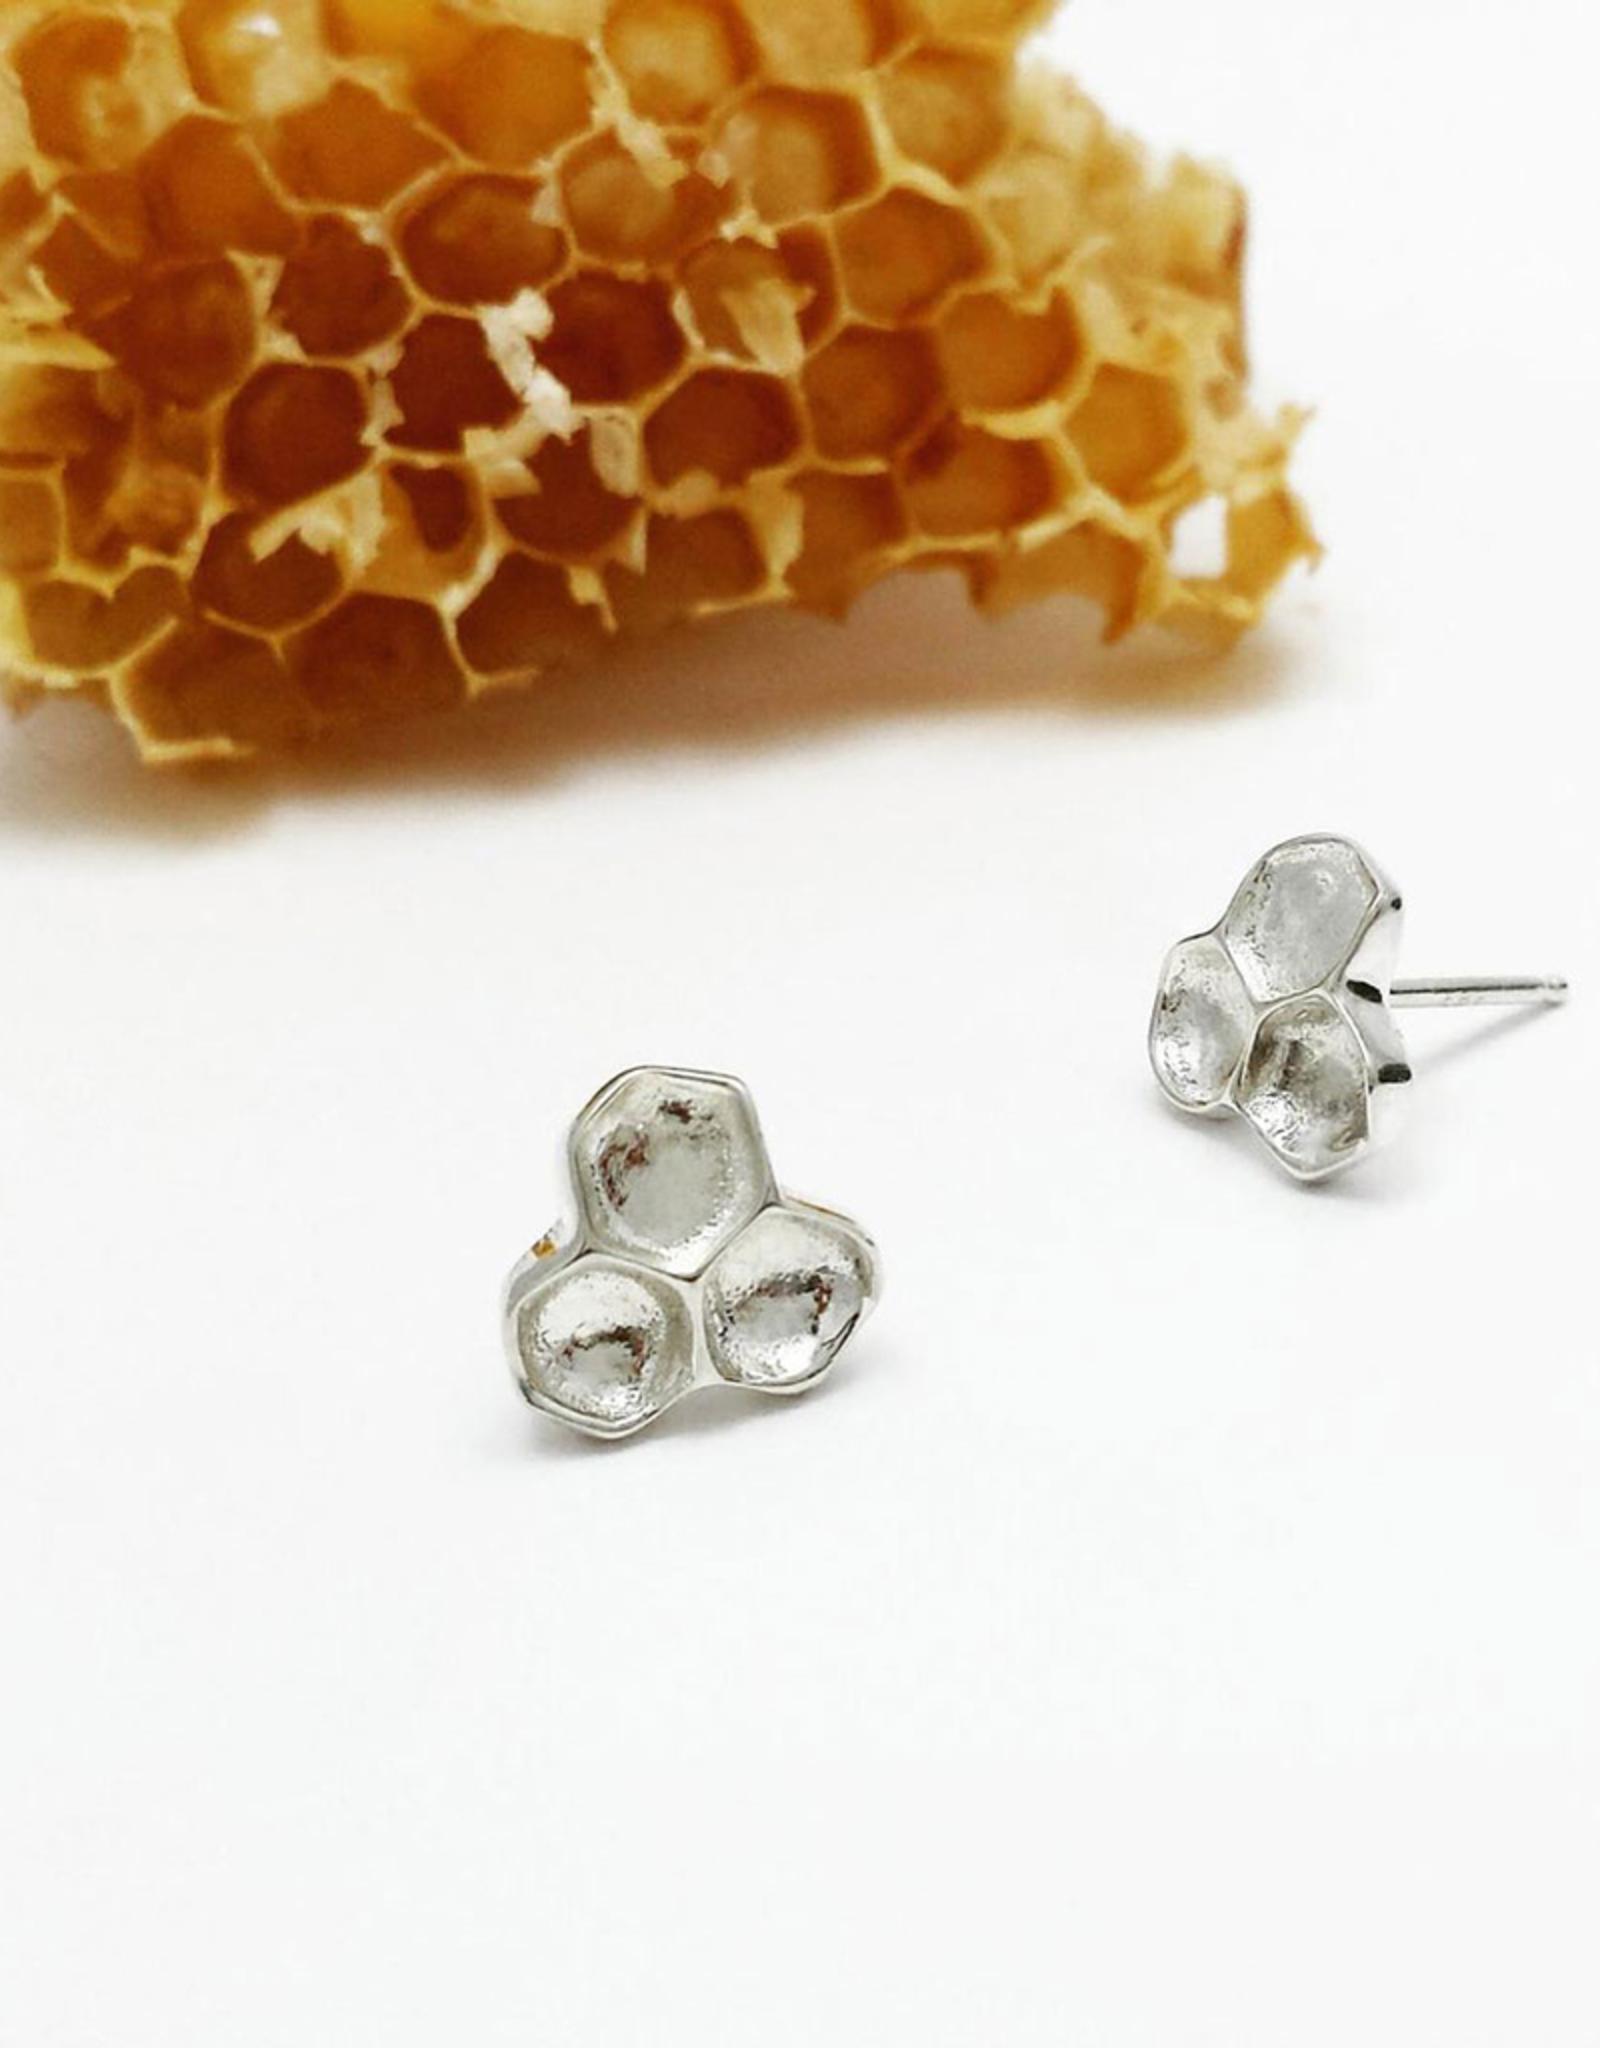 Handmade Honeycomb Stud Earrings - Sterling Silver